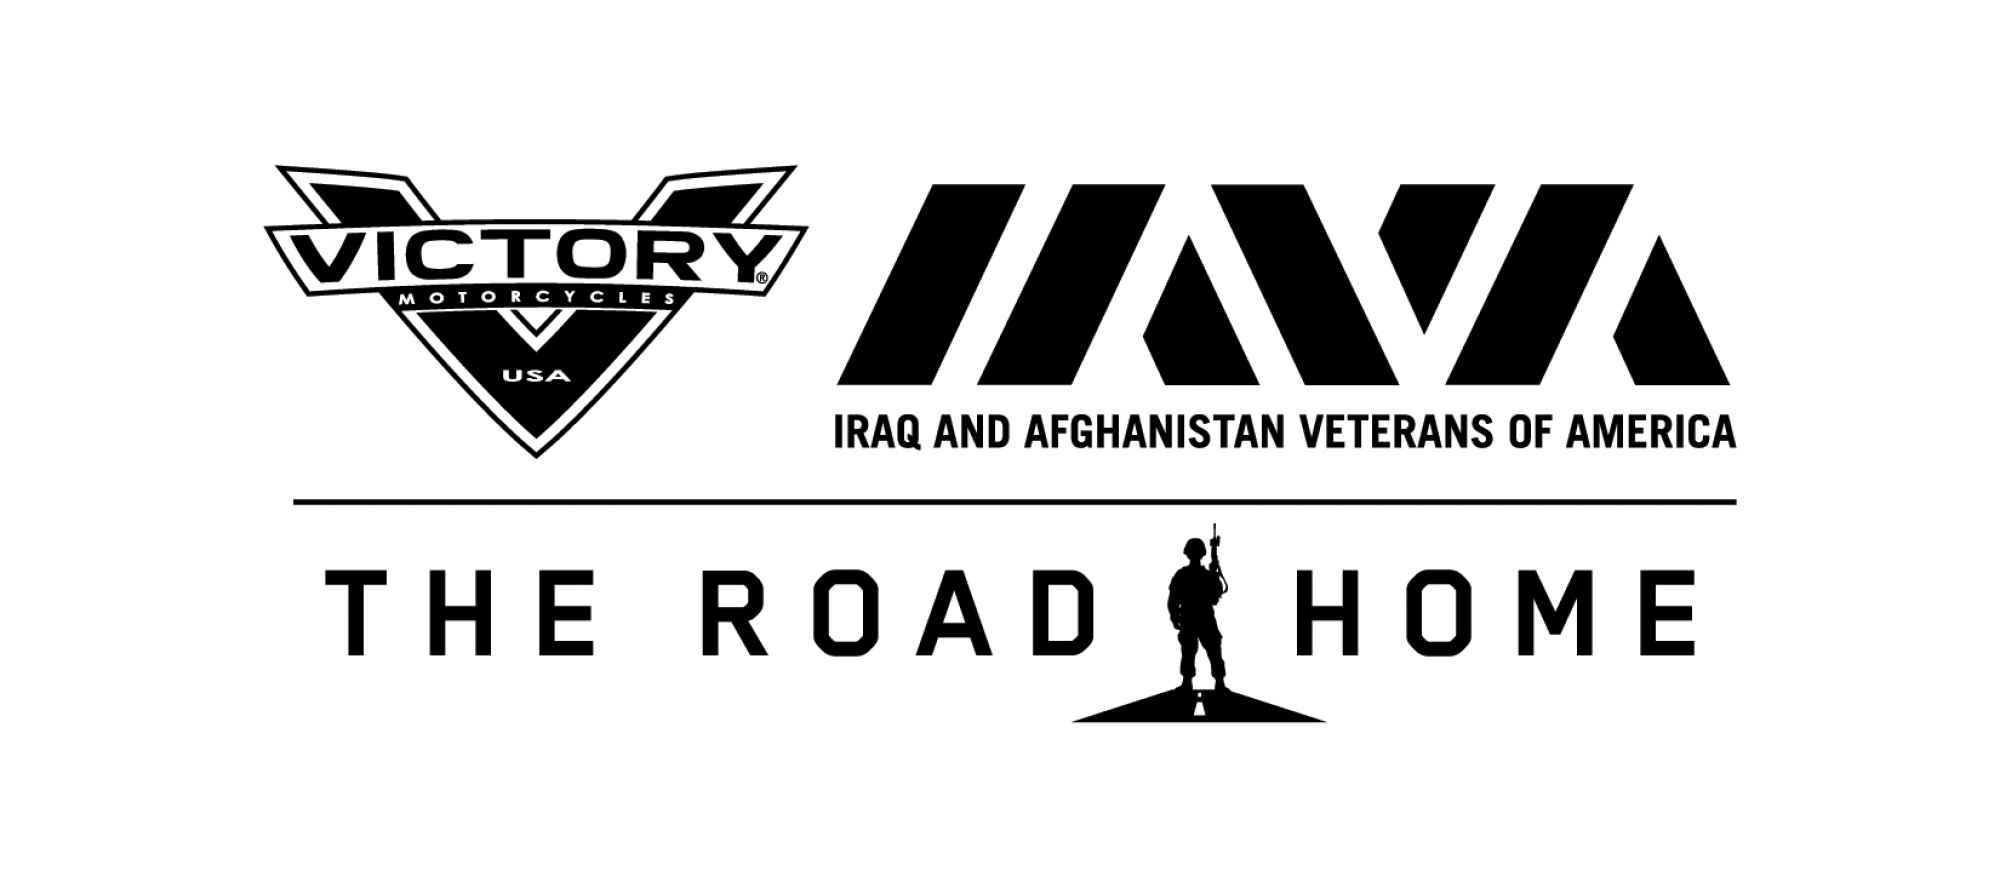 vic_iava_logo